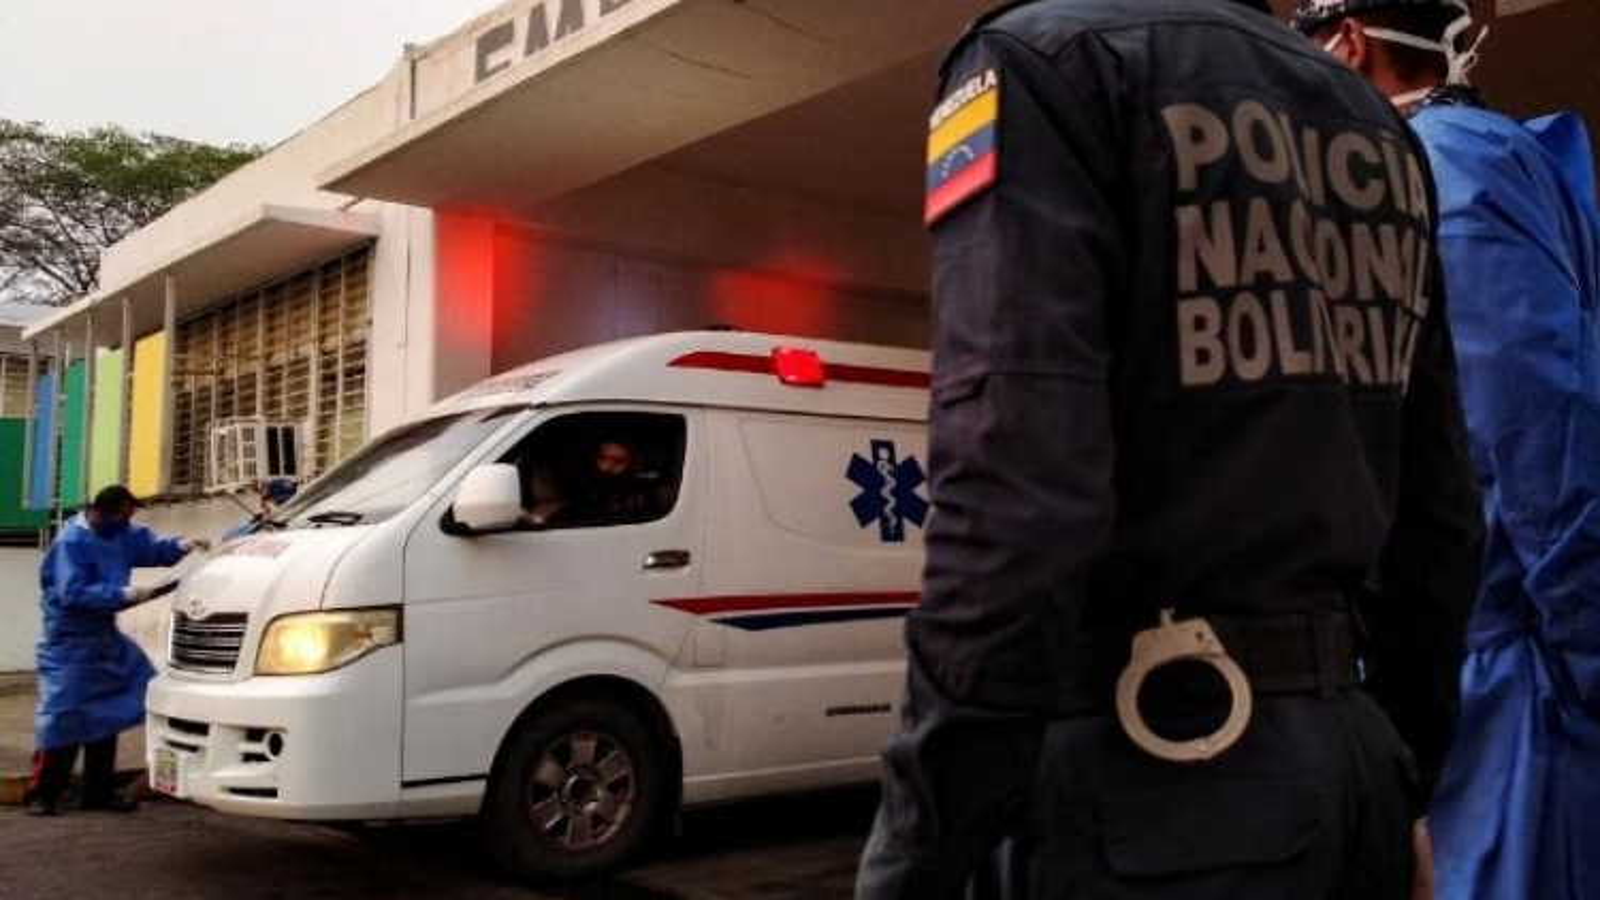 CNN: Ít nhất 46 người chết trong bạo động nhà tù ở Venezuela